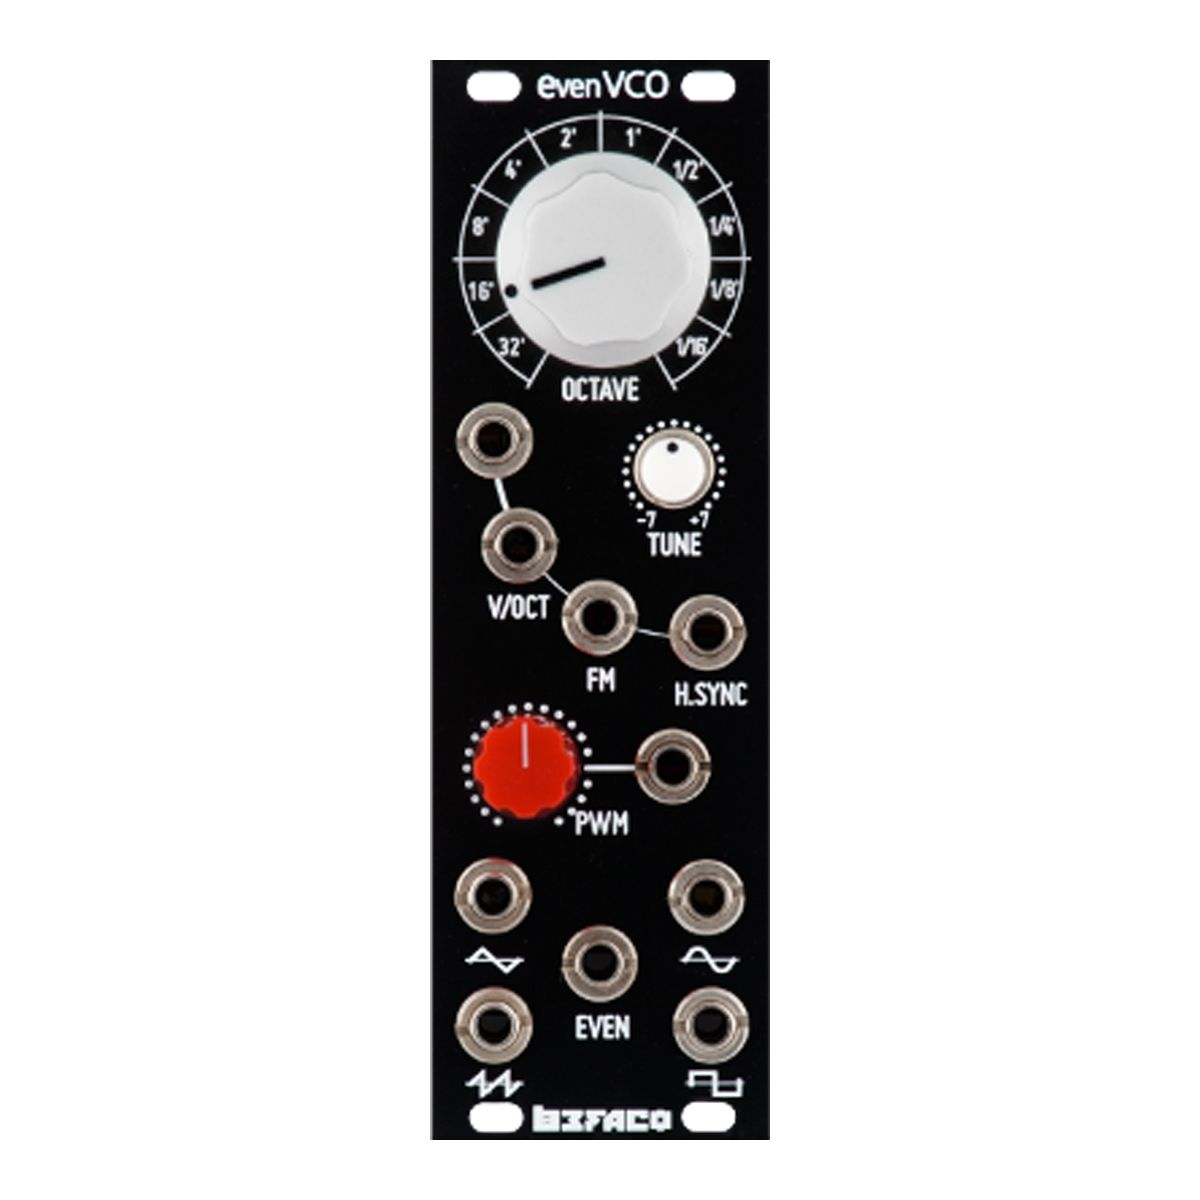 Befaco Even VCO Eurorack Oscillator Module